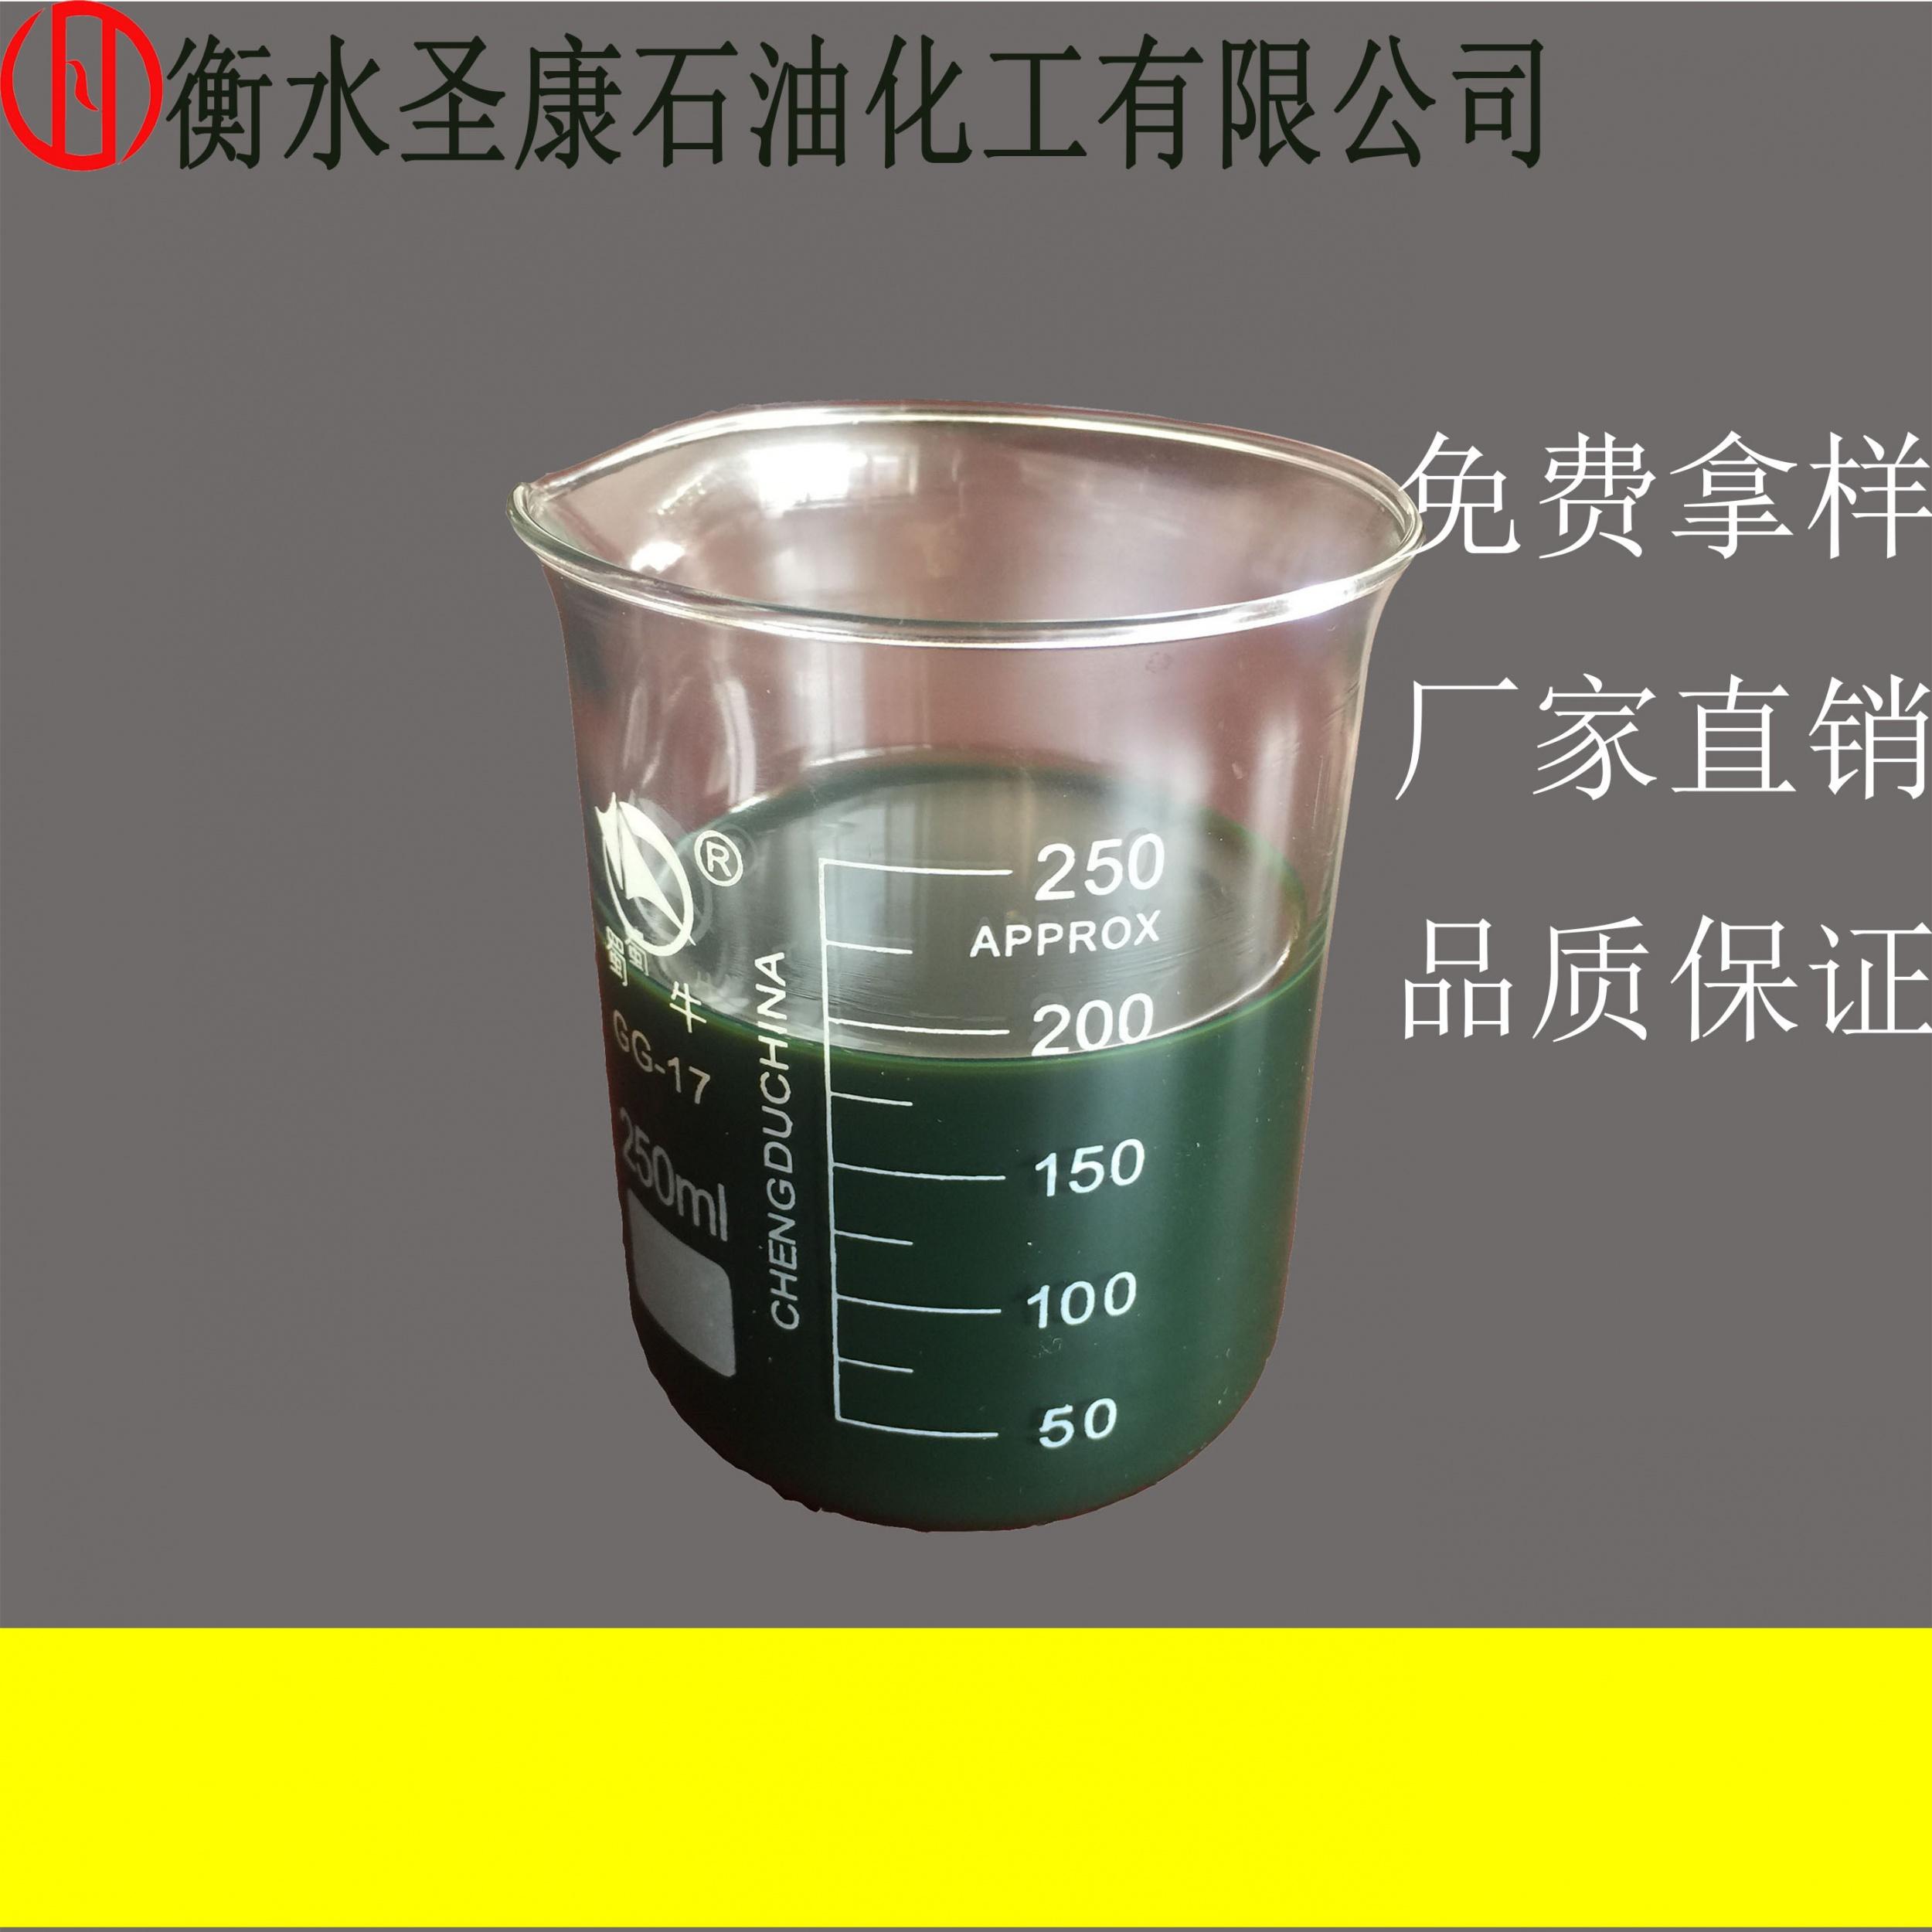 国产环保芳烃油橡胶用...